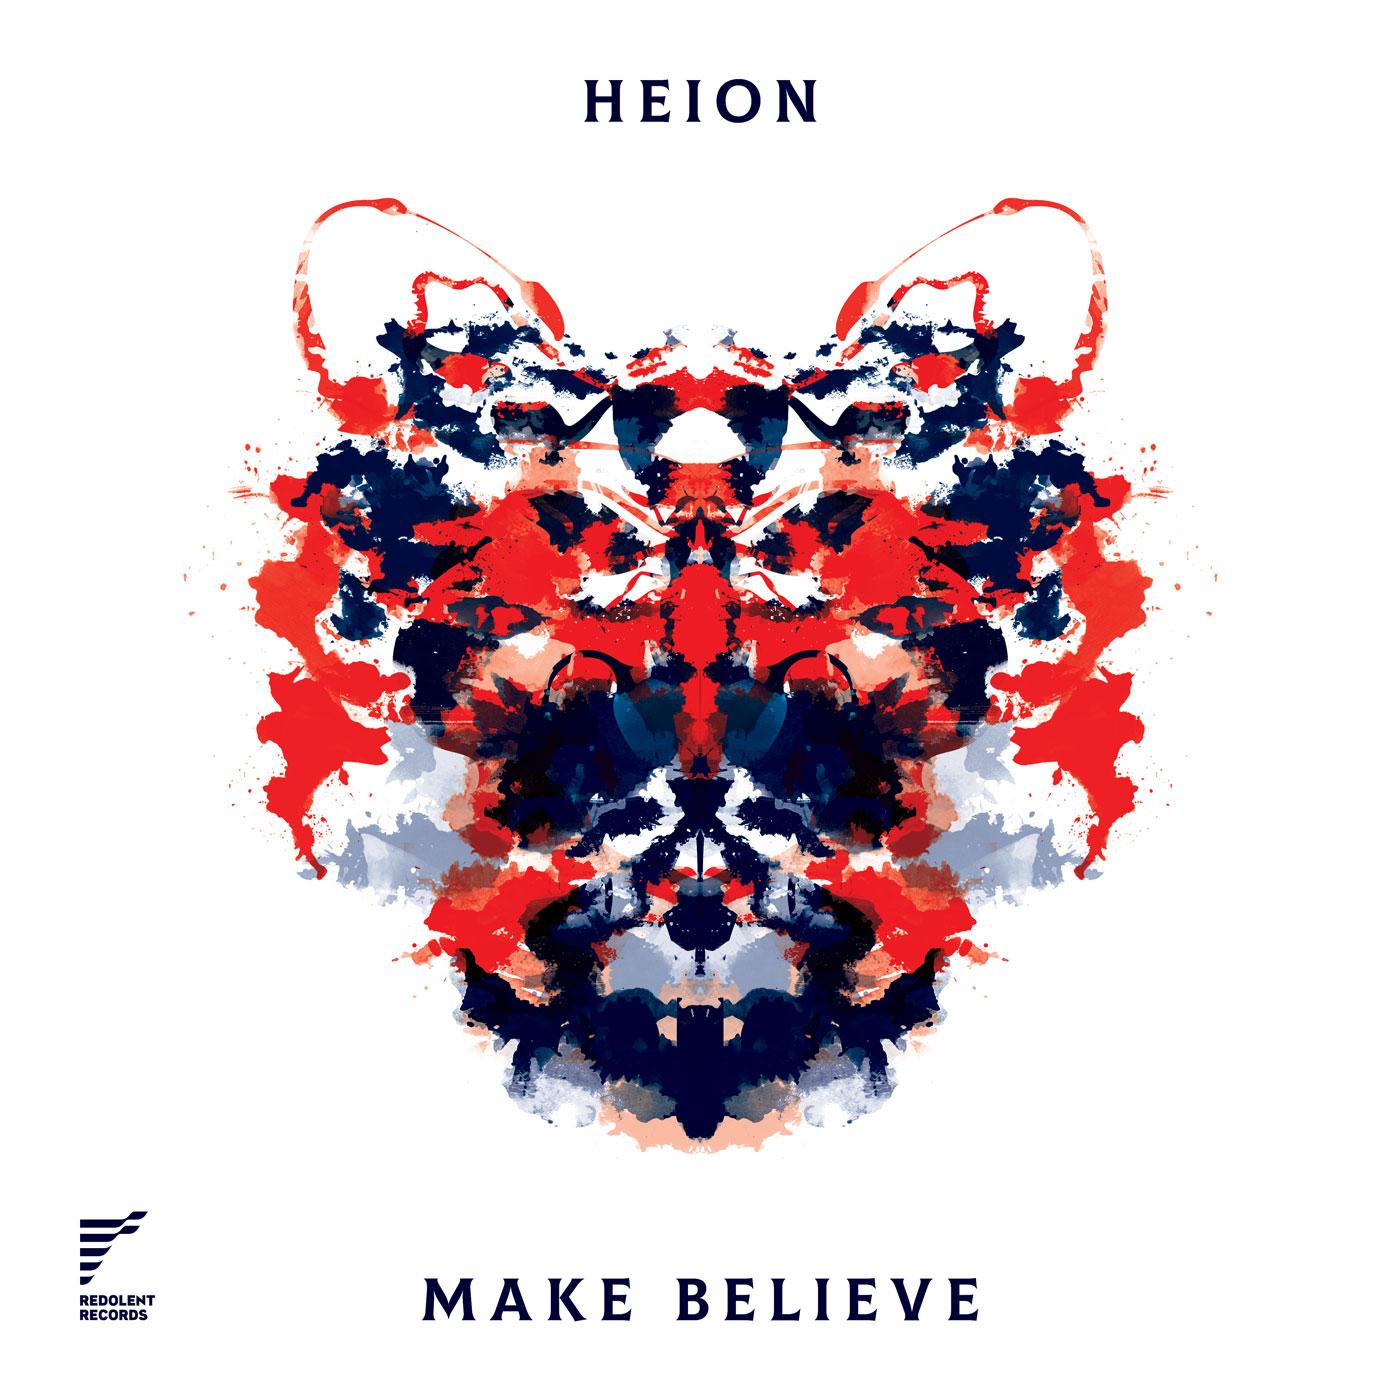 Heion - Make Believe EP